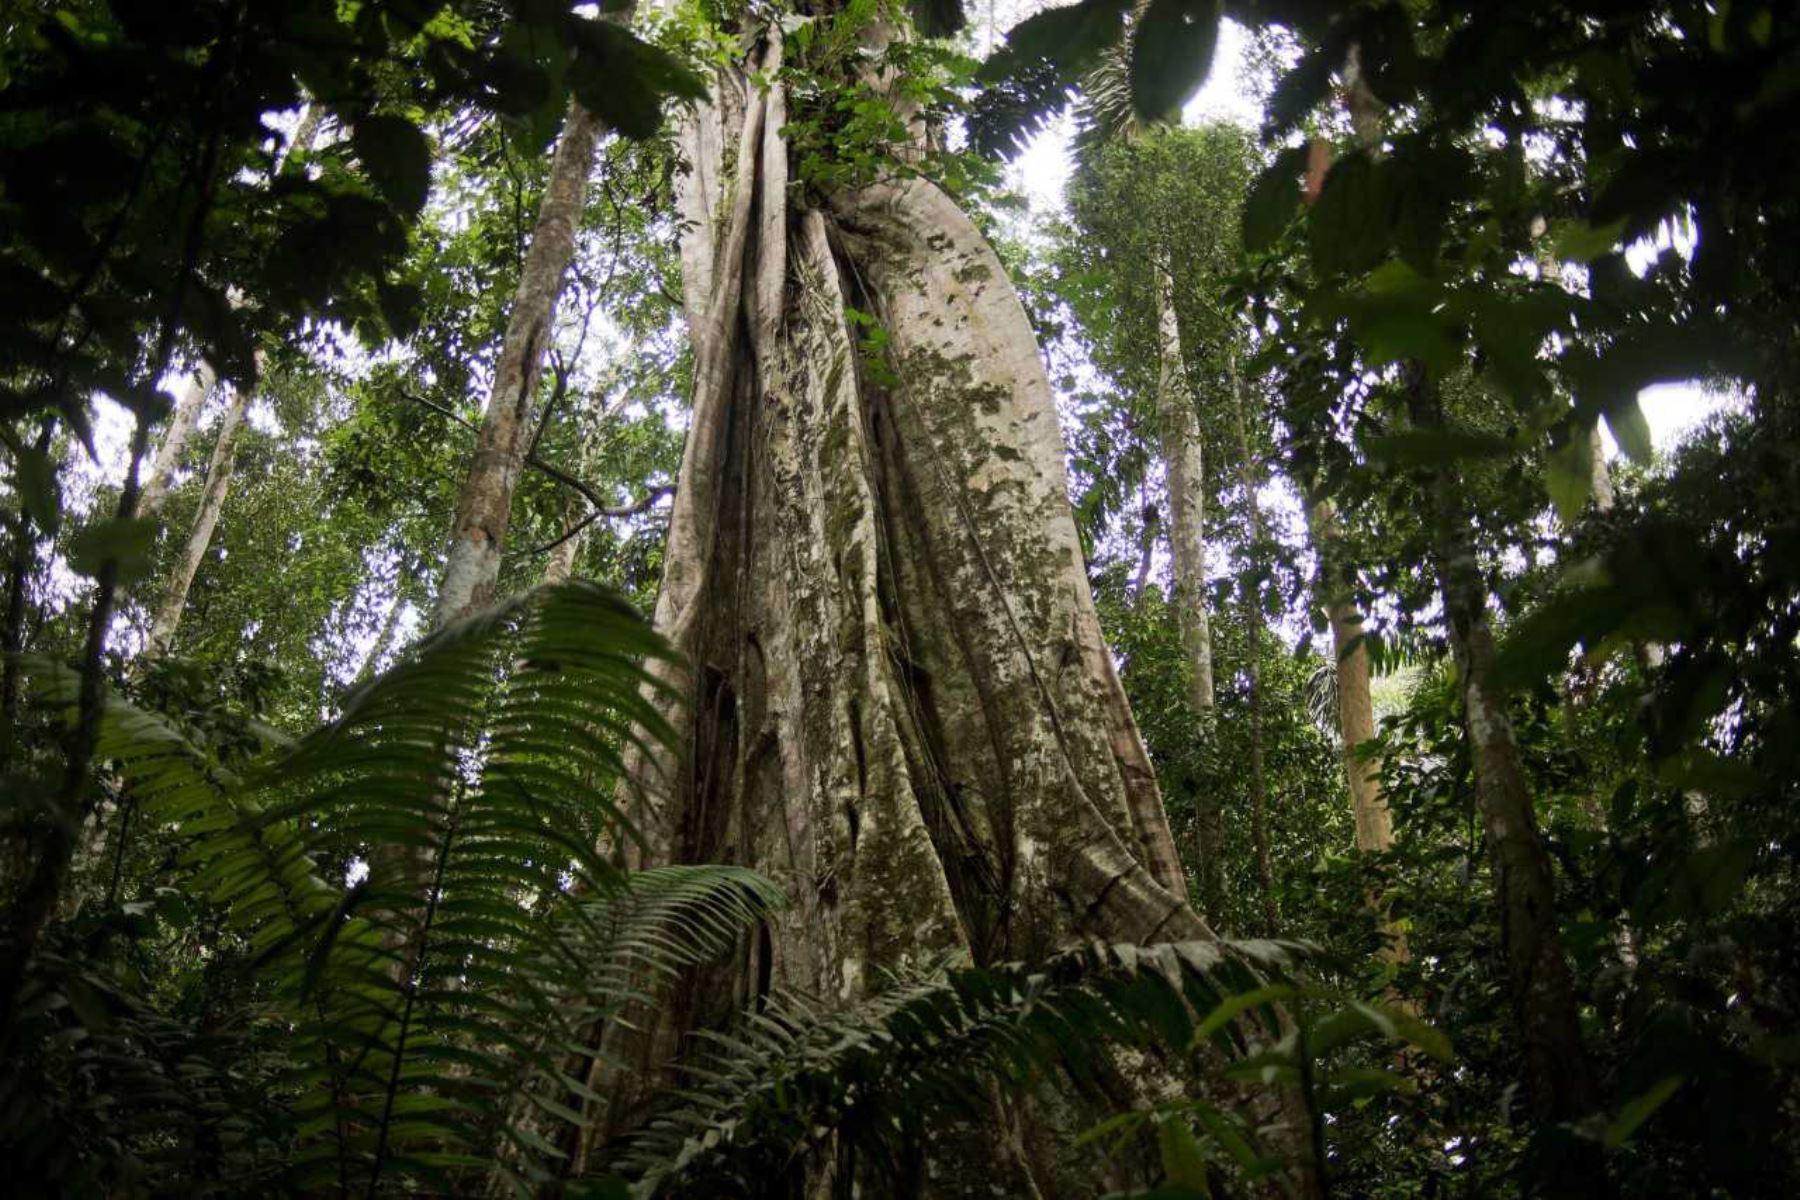 Gobierno Regional de Loreto viola la ley y otorga concesiones forestales en territorios de pueblos indígenas en aislamiento voluntario